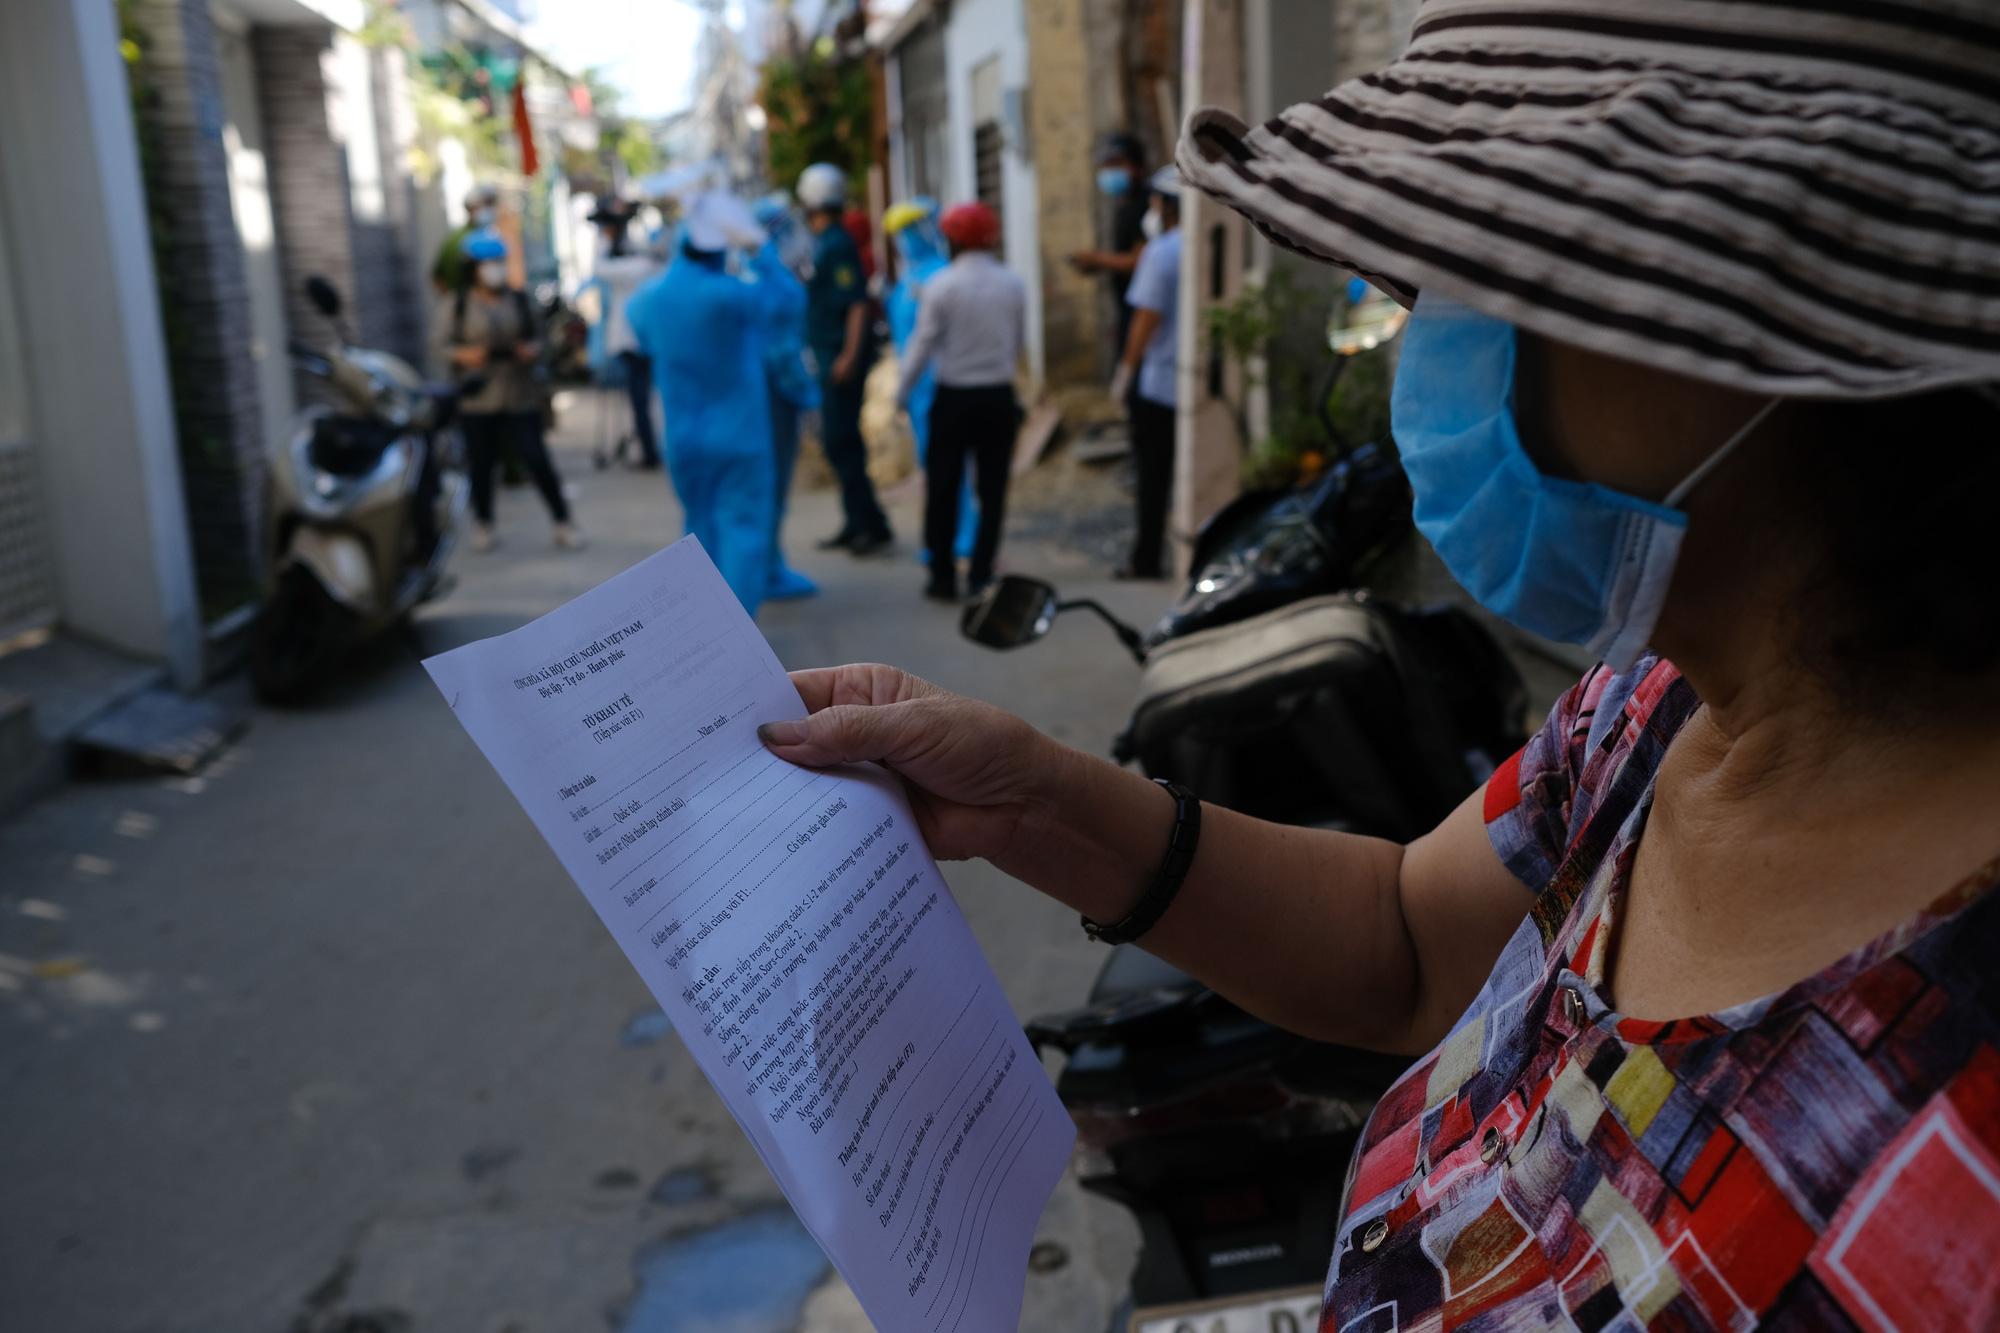 Thêm 5 ca COVID-19 ở Quảng Nam, Việt Nam ghi nhận 464 ca - Ảnh 1.